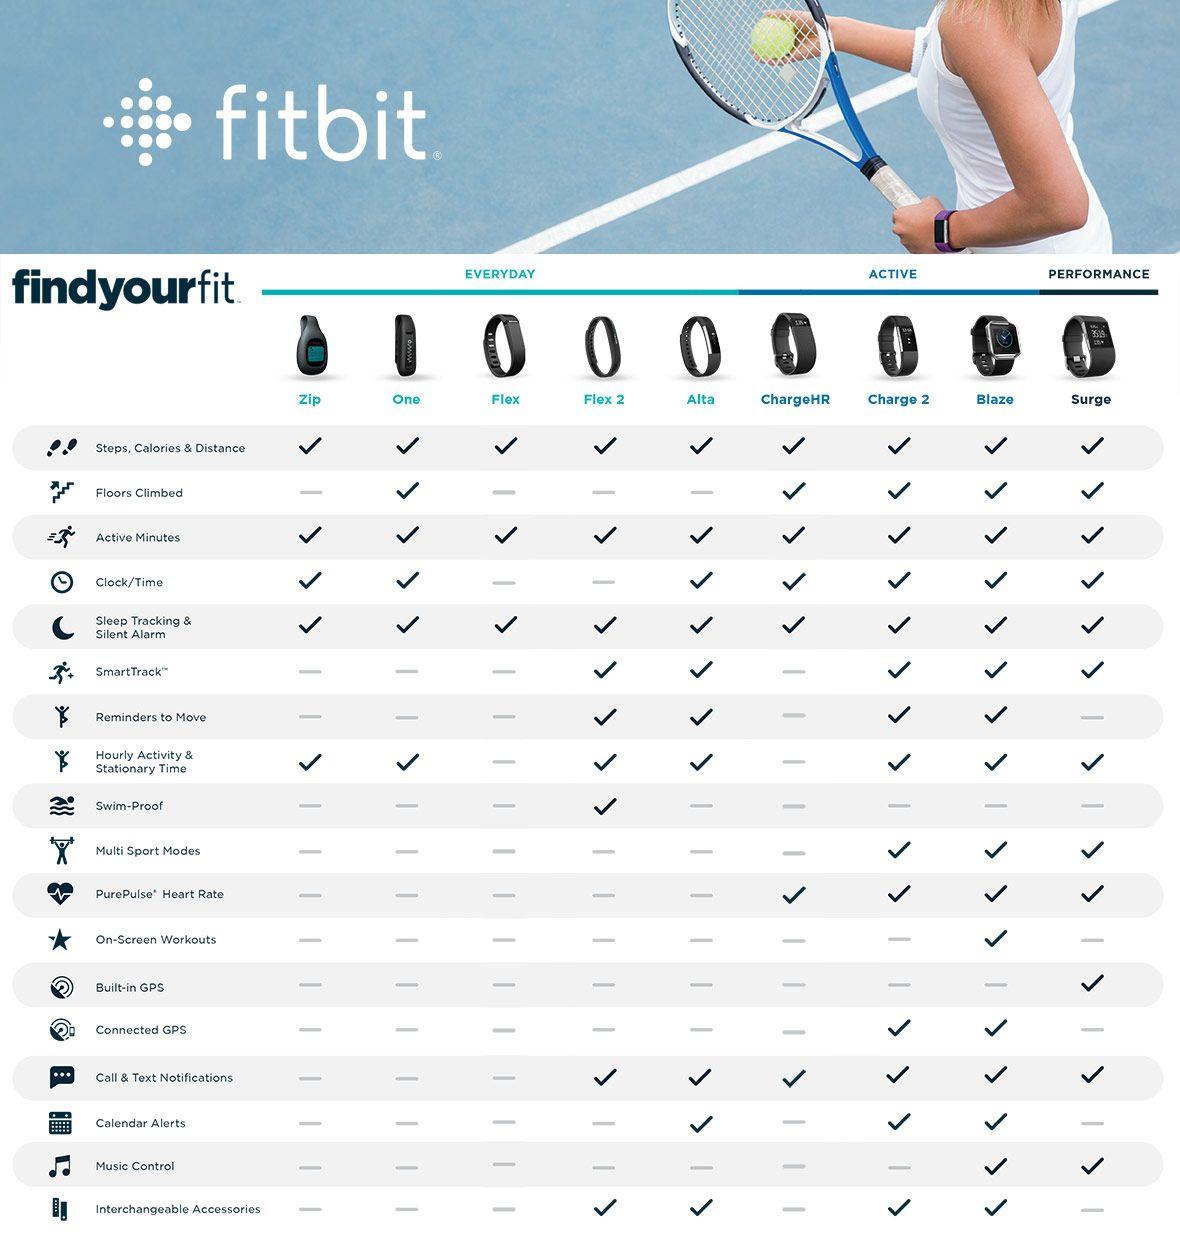 Fitbit Comparison